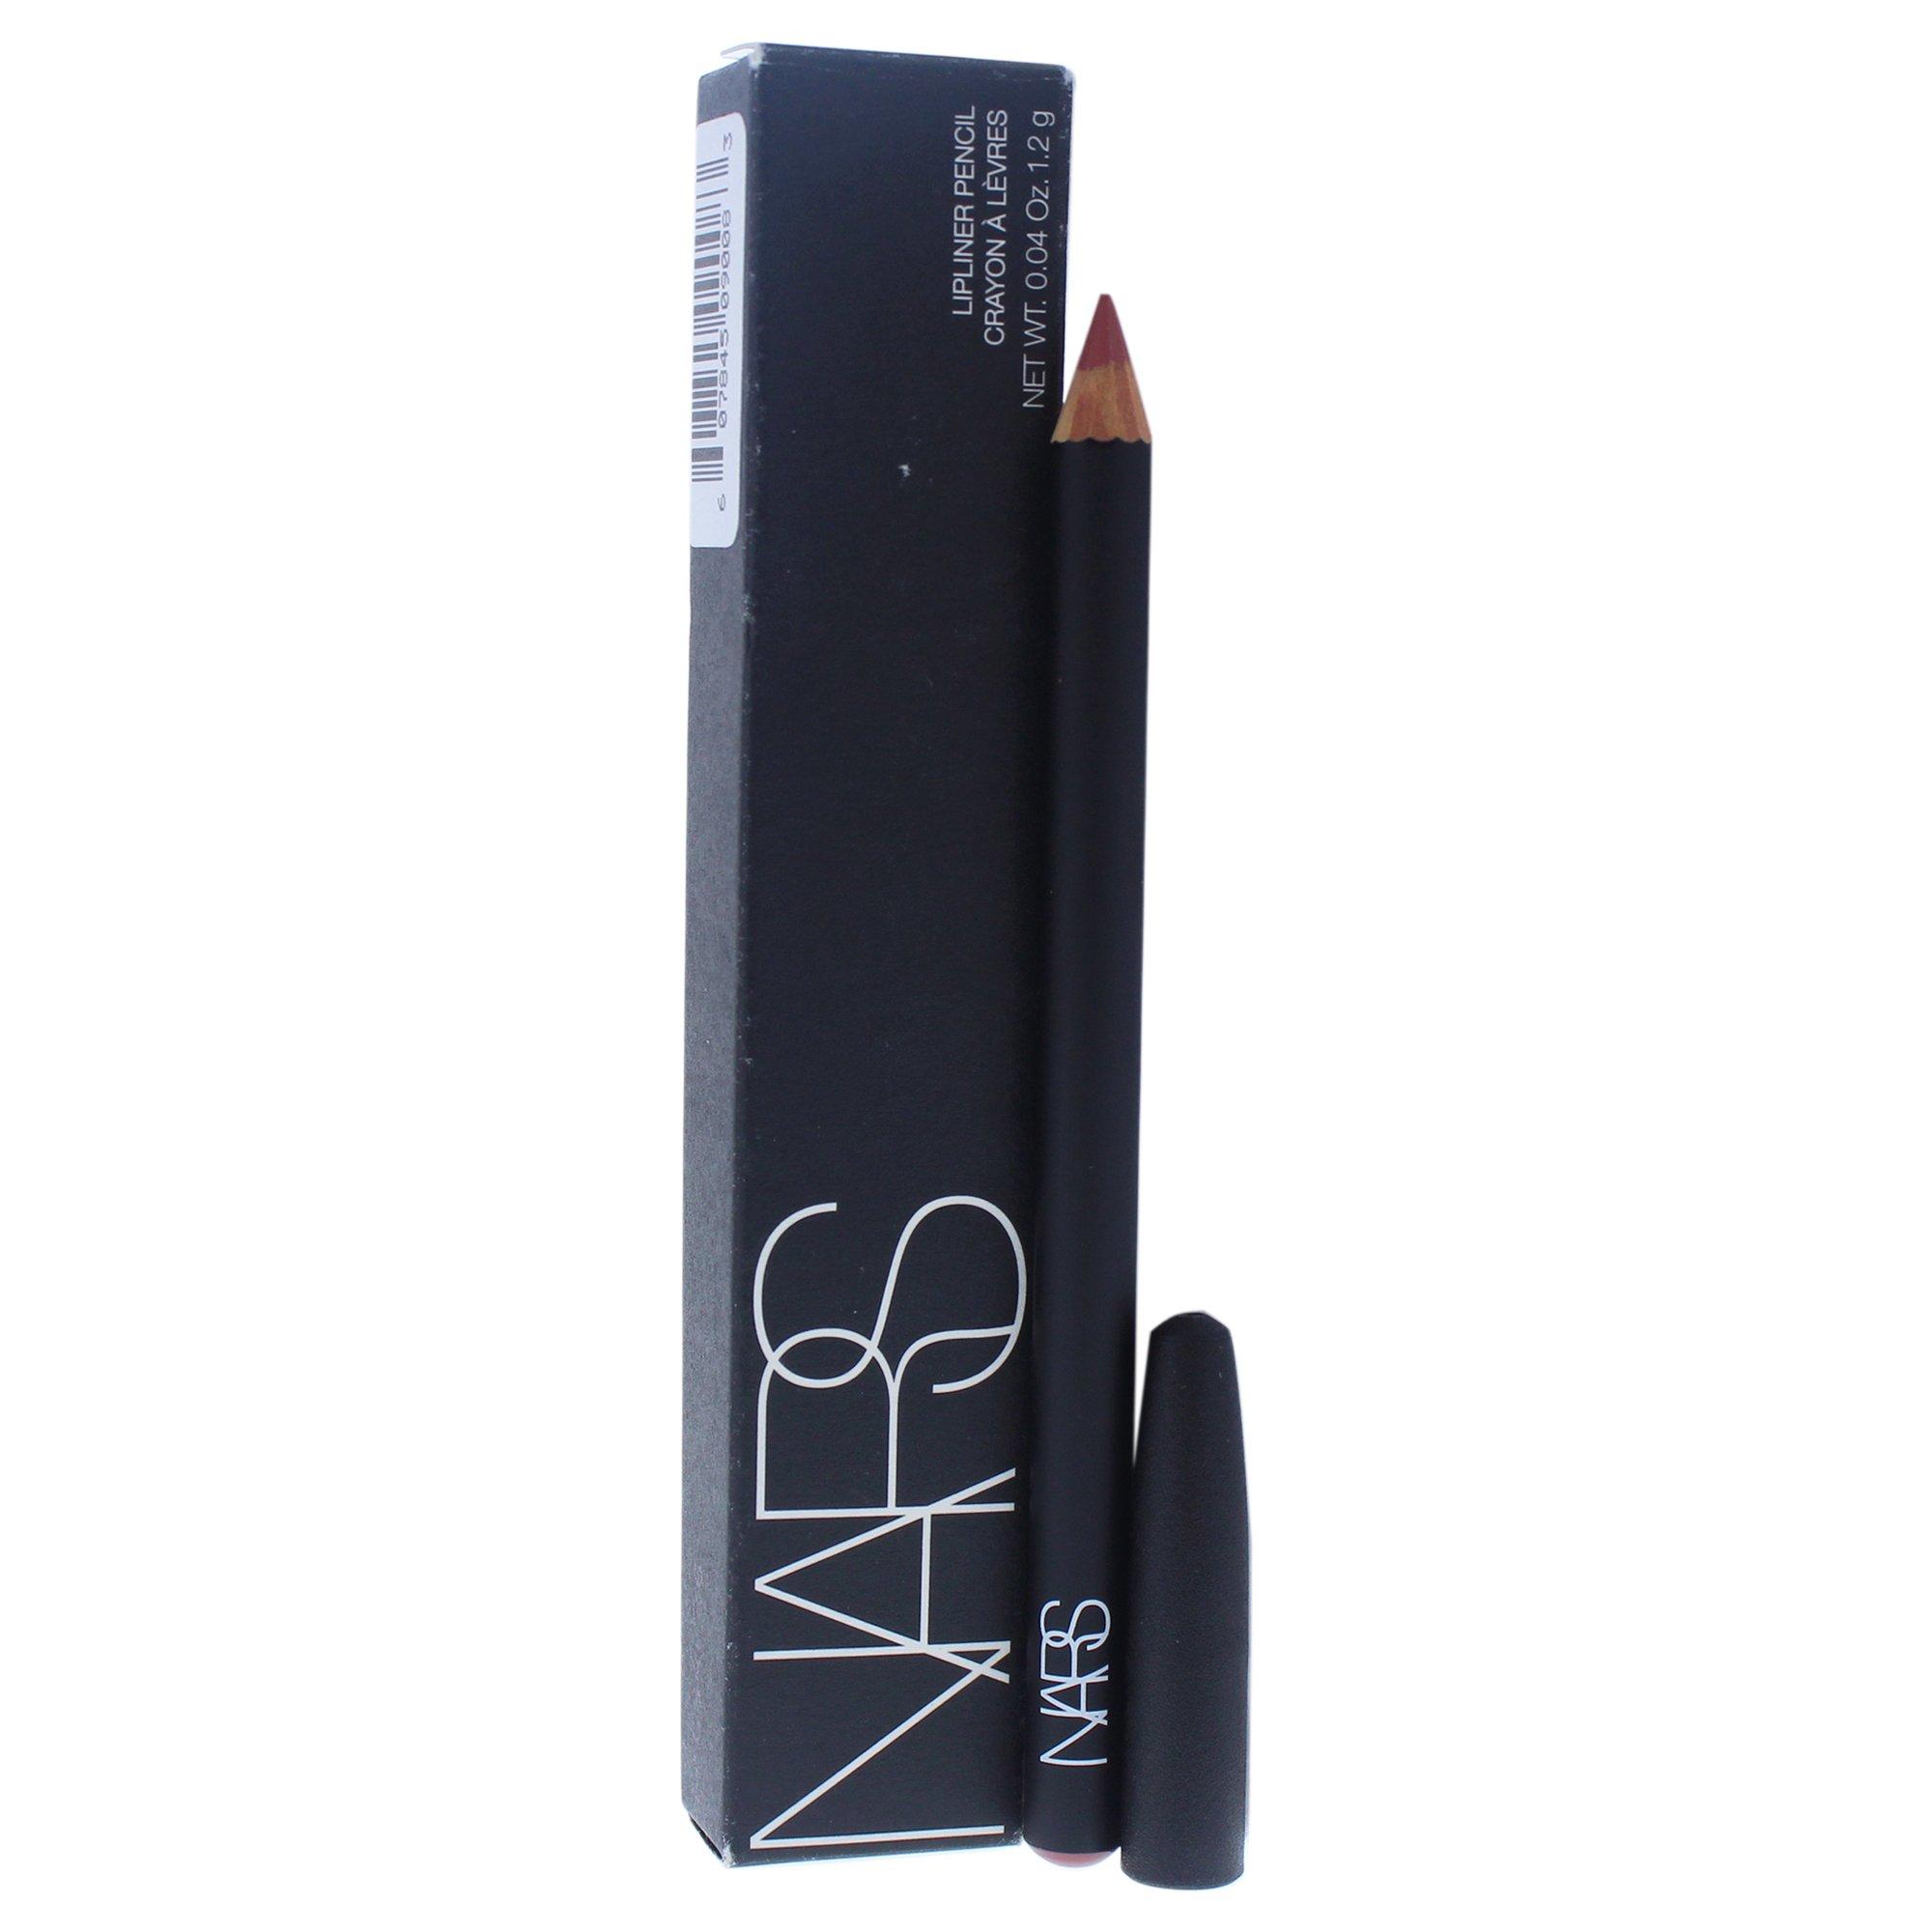 NARS Lip Liner Pencil, Rosebud